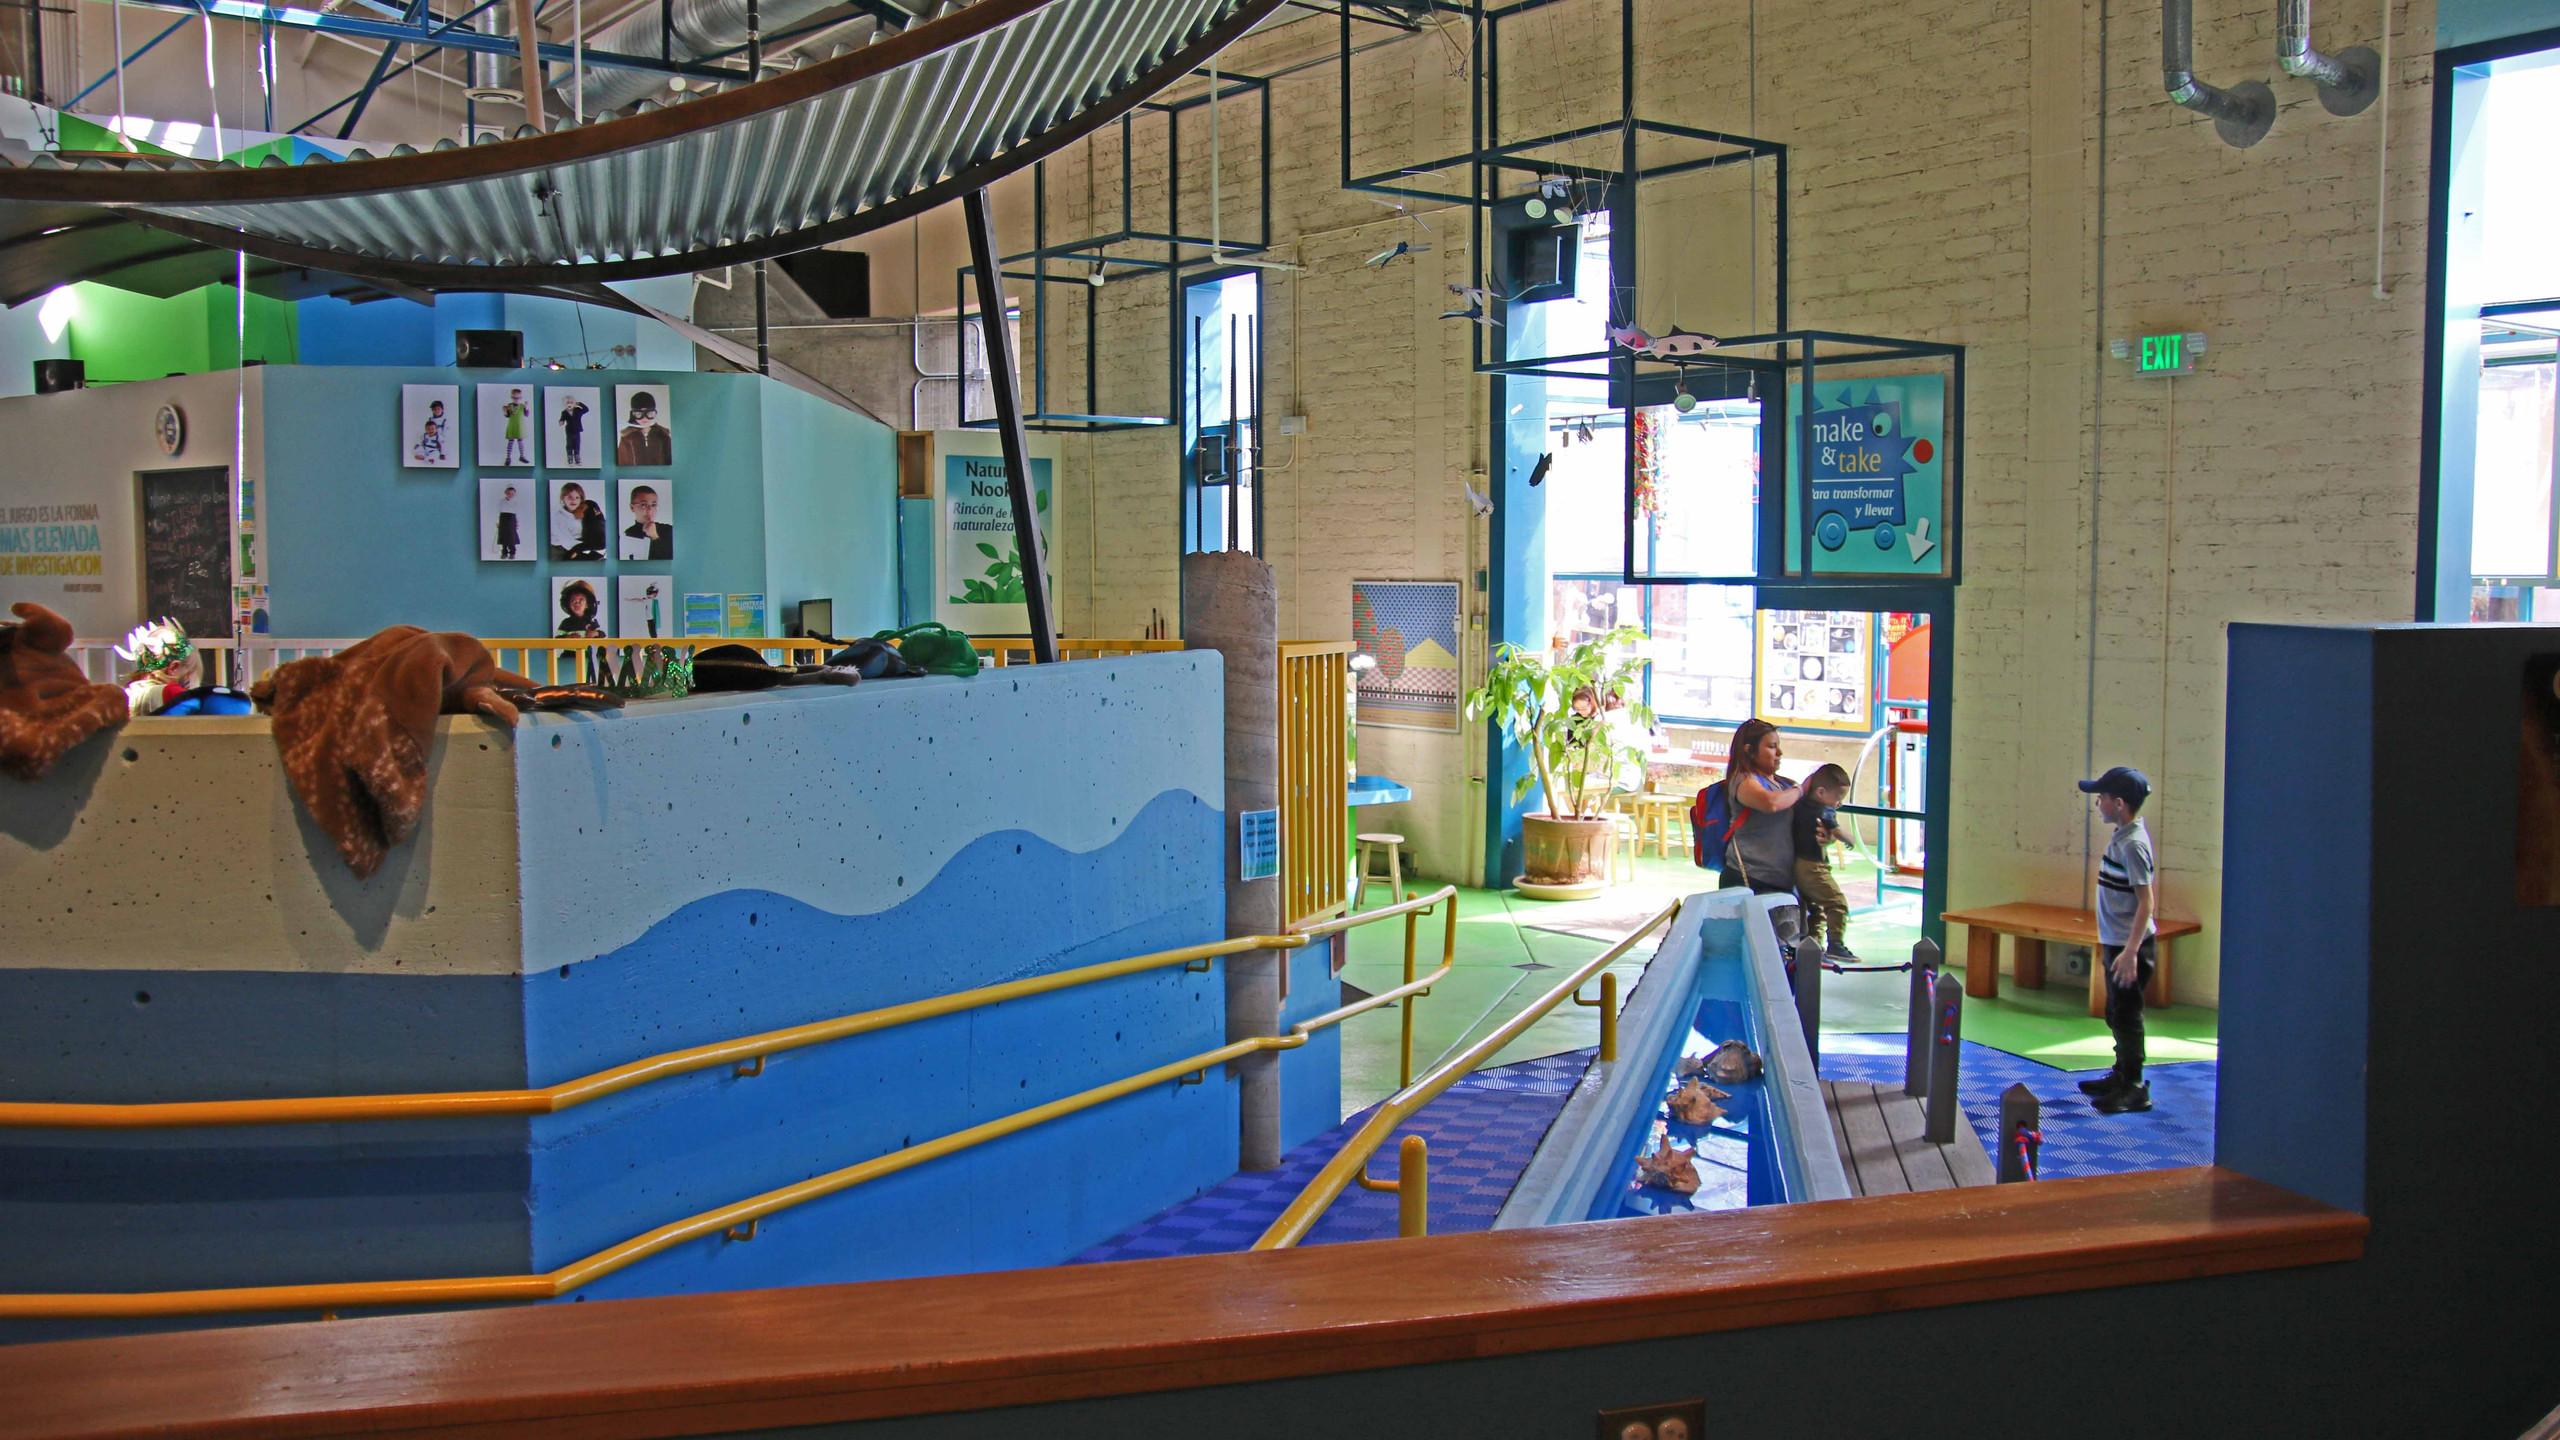 Interior of the Santa Fe Children's Museum